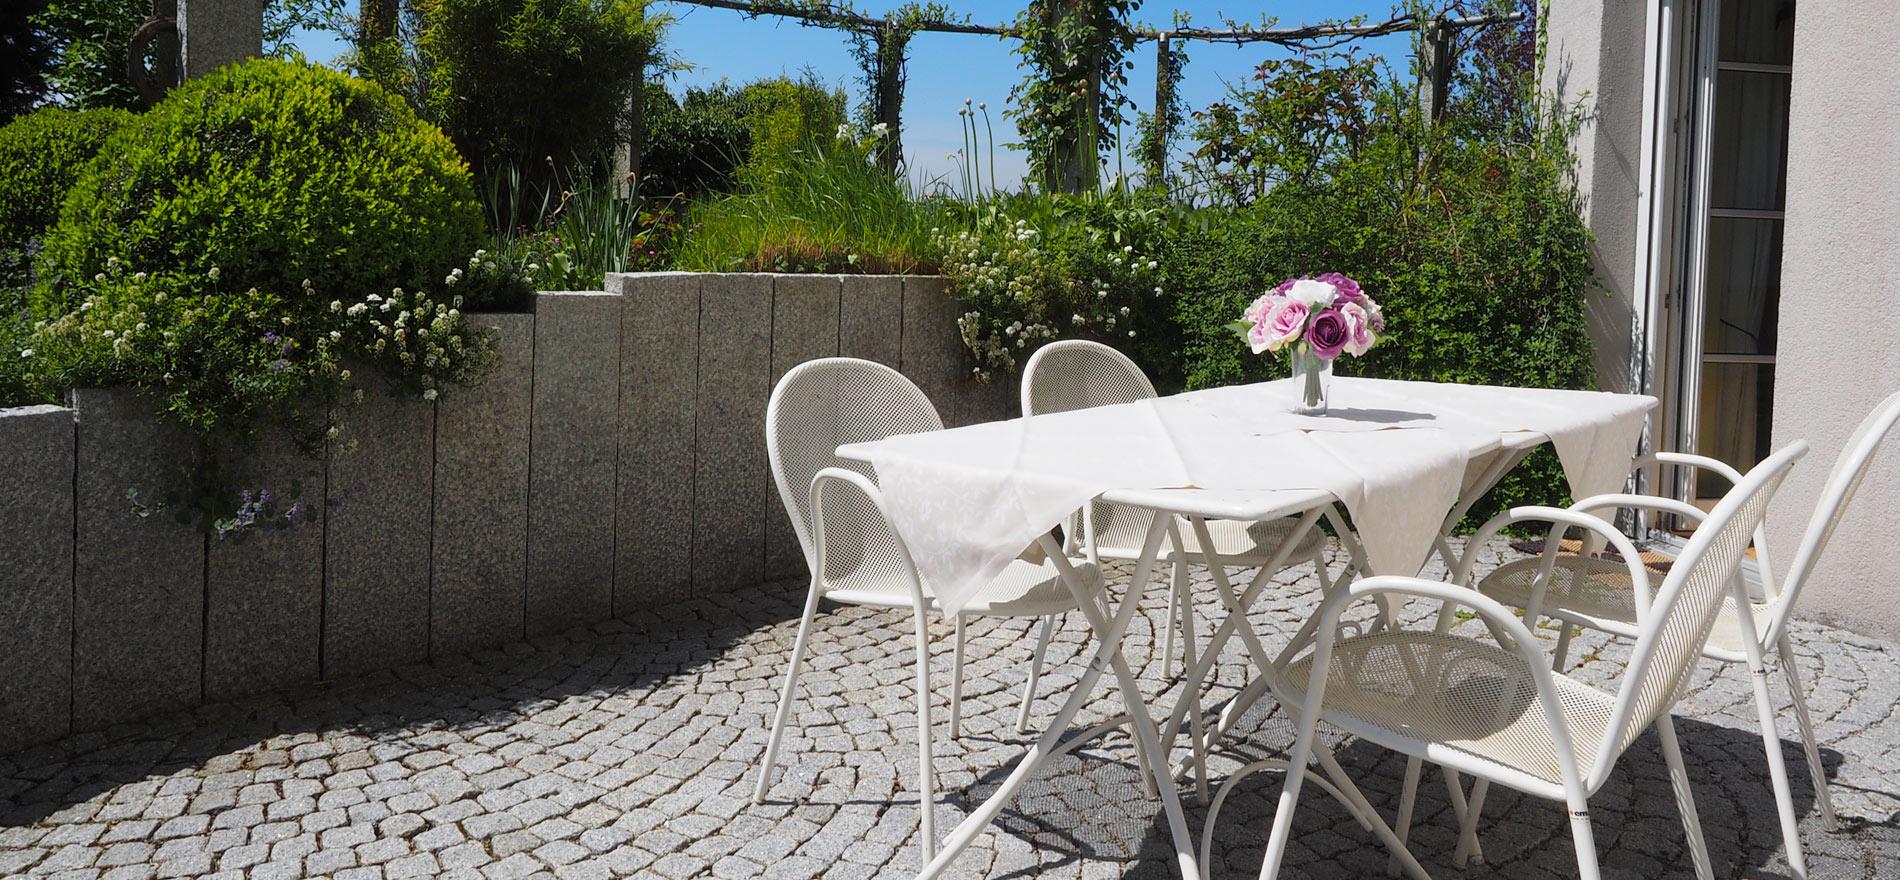 Ferienwohnung Pfarrhaus in Meersburg - Wohnung 1 8